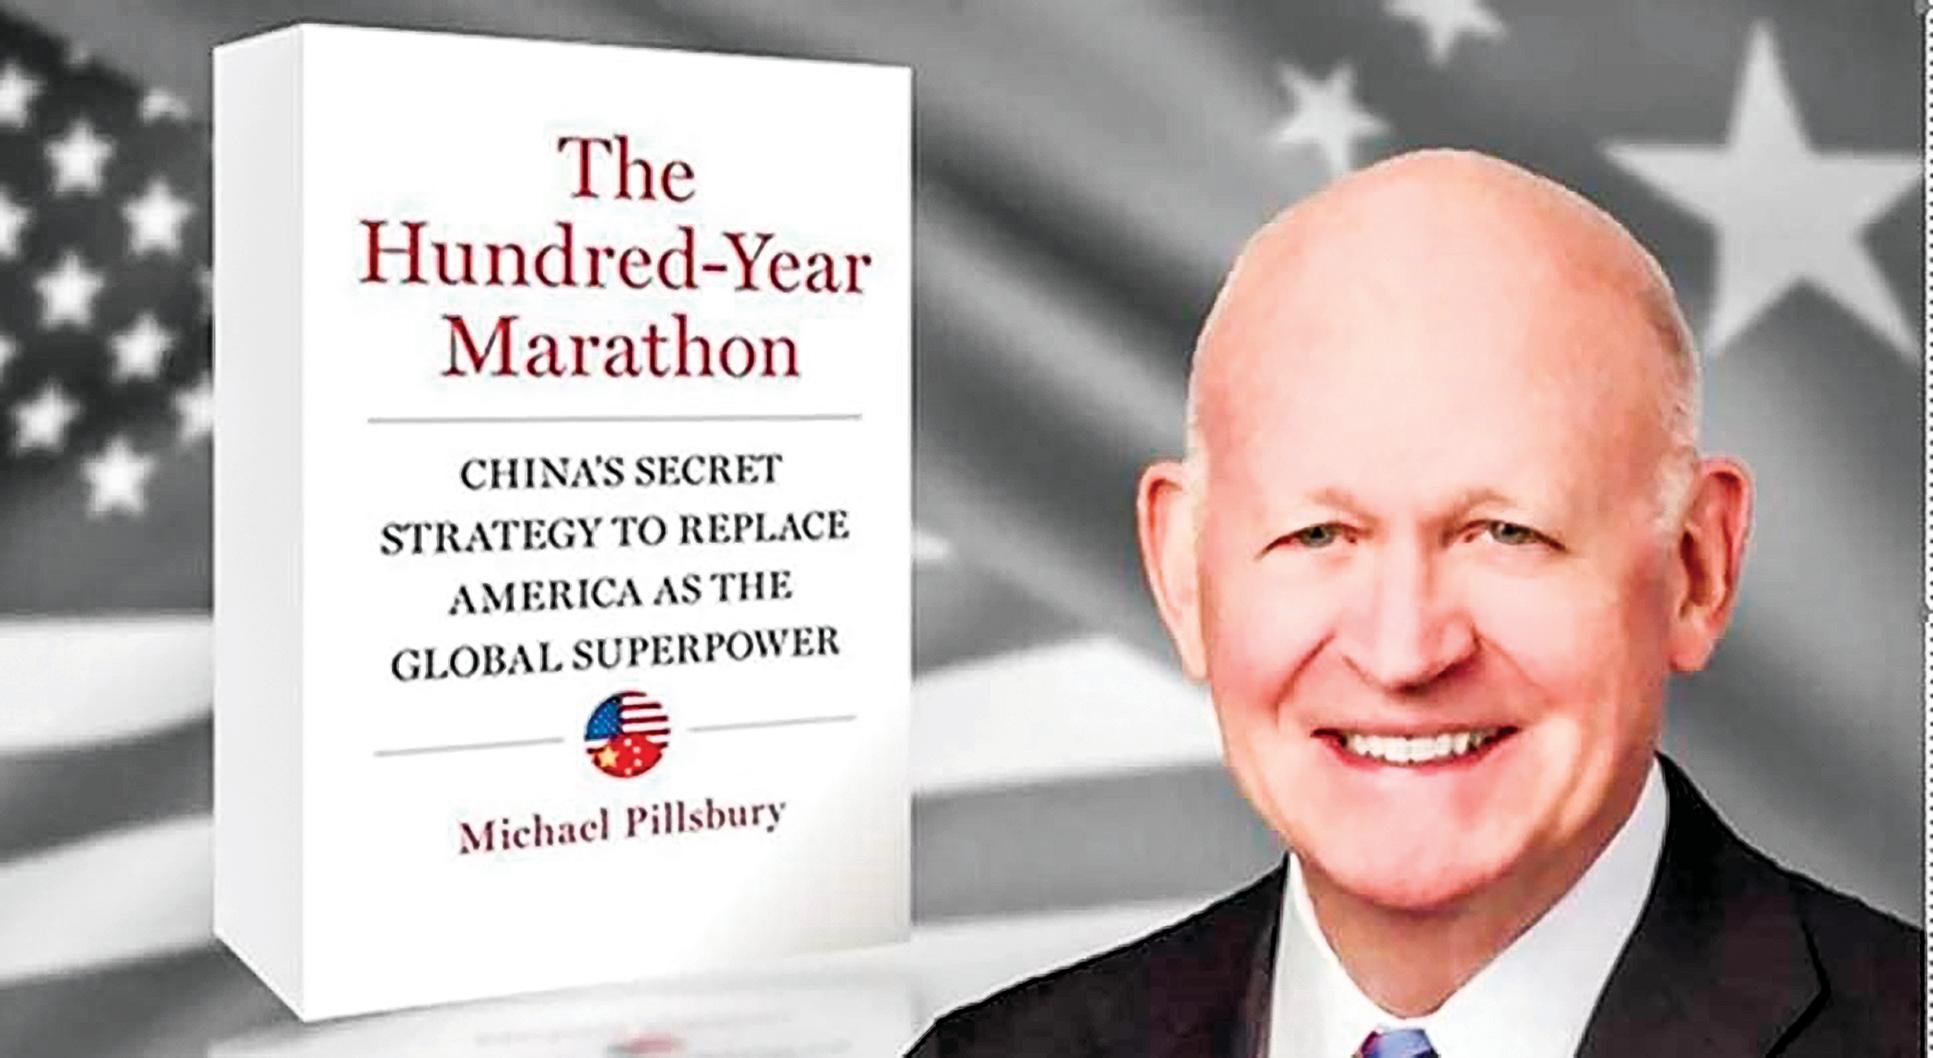 白邦瑞和他撰寫的《百年馬拉松──中國取代美國稱霸全球的祕密戰略》。(明慧網)